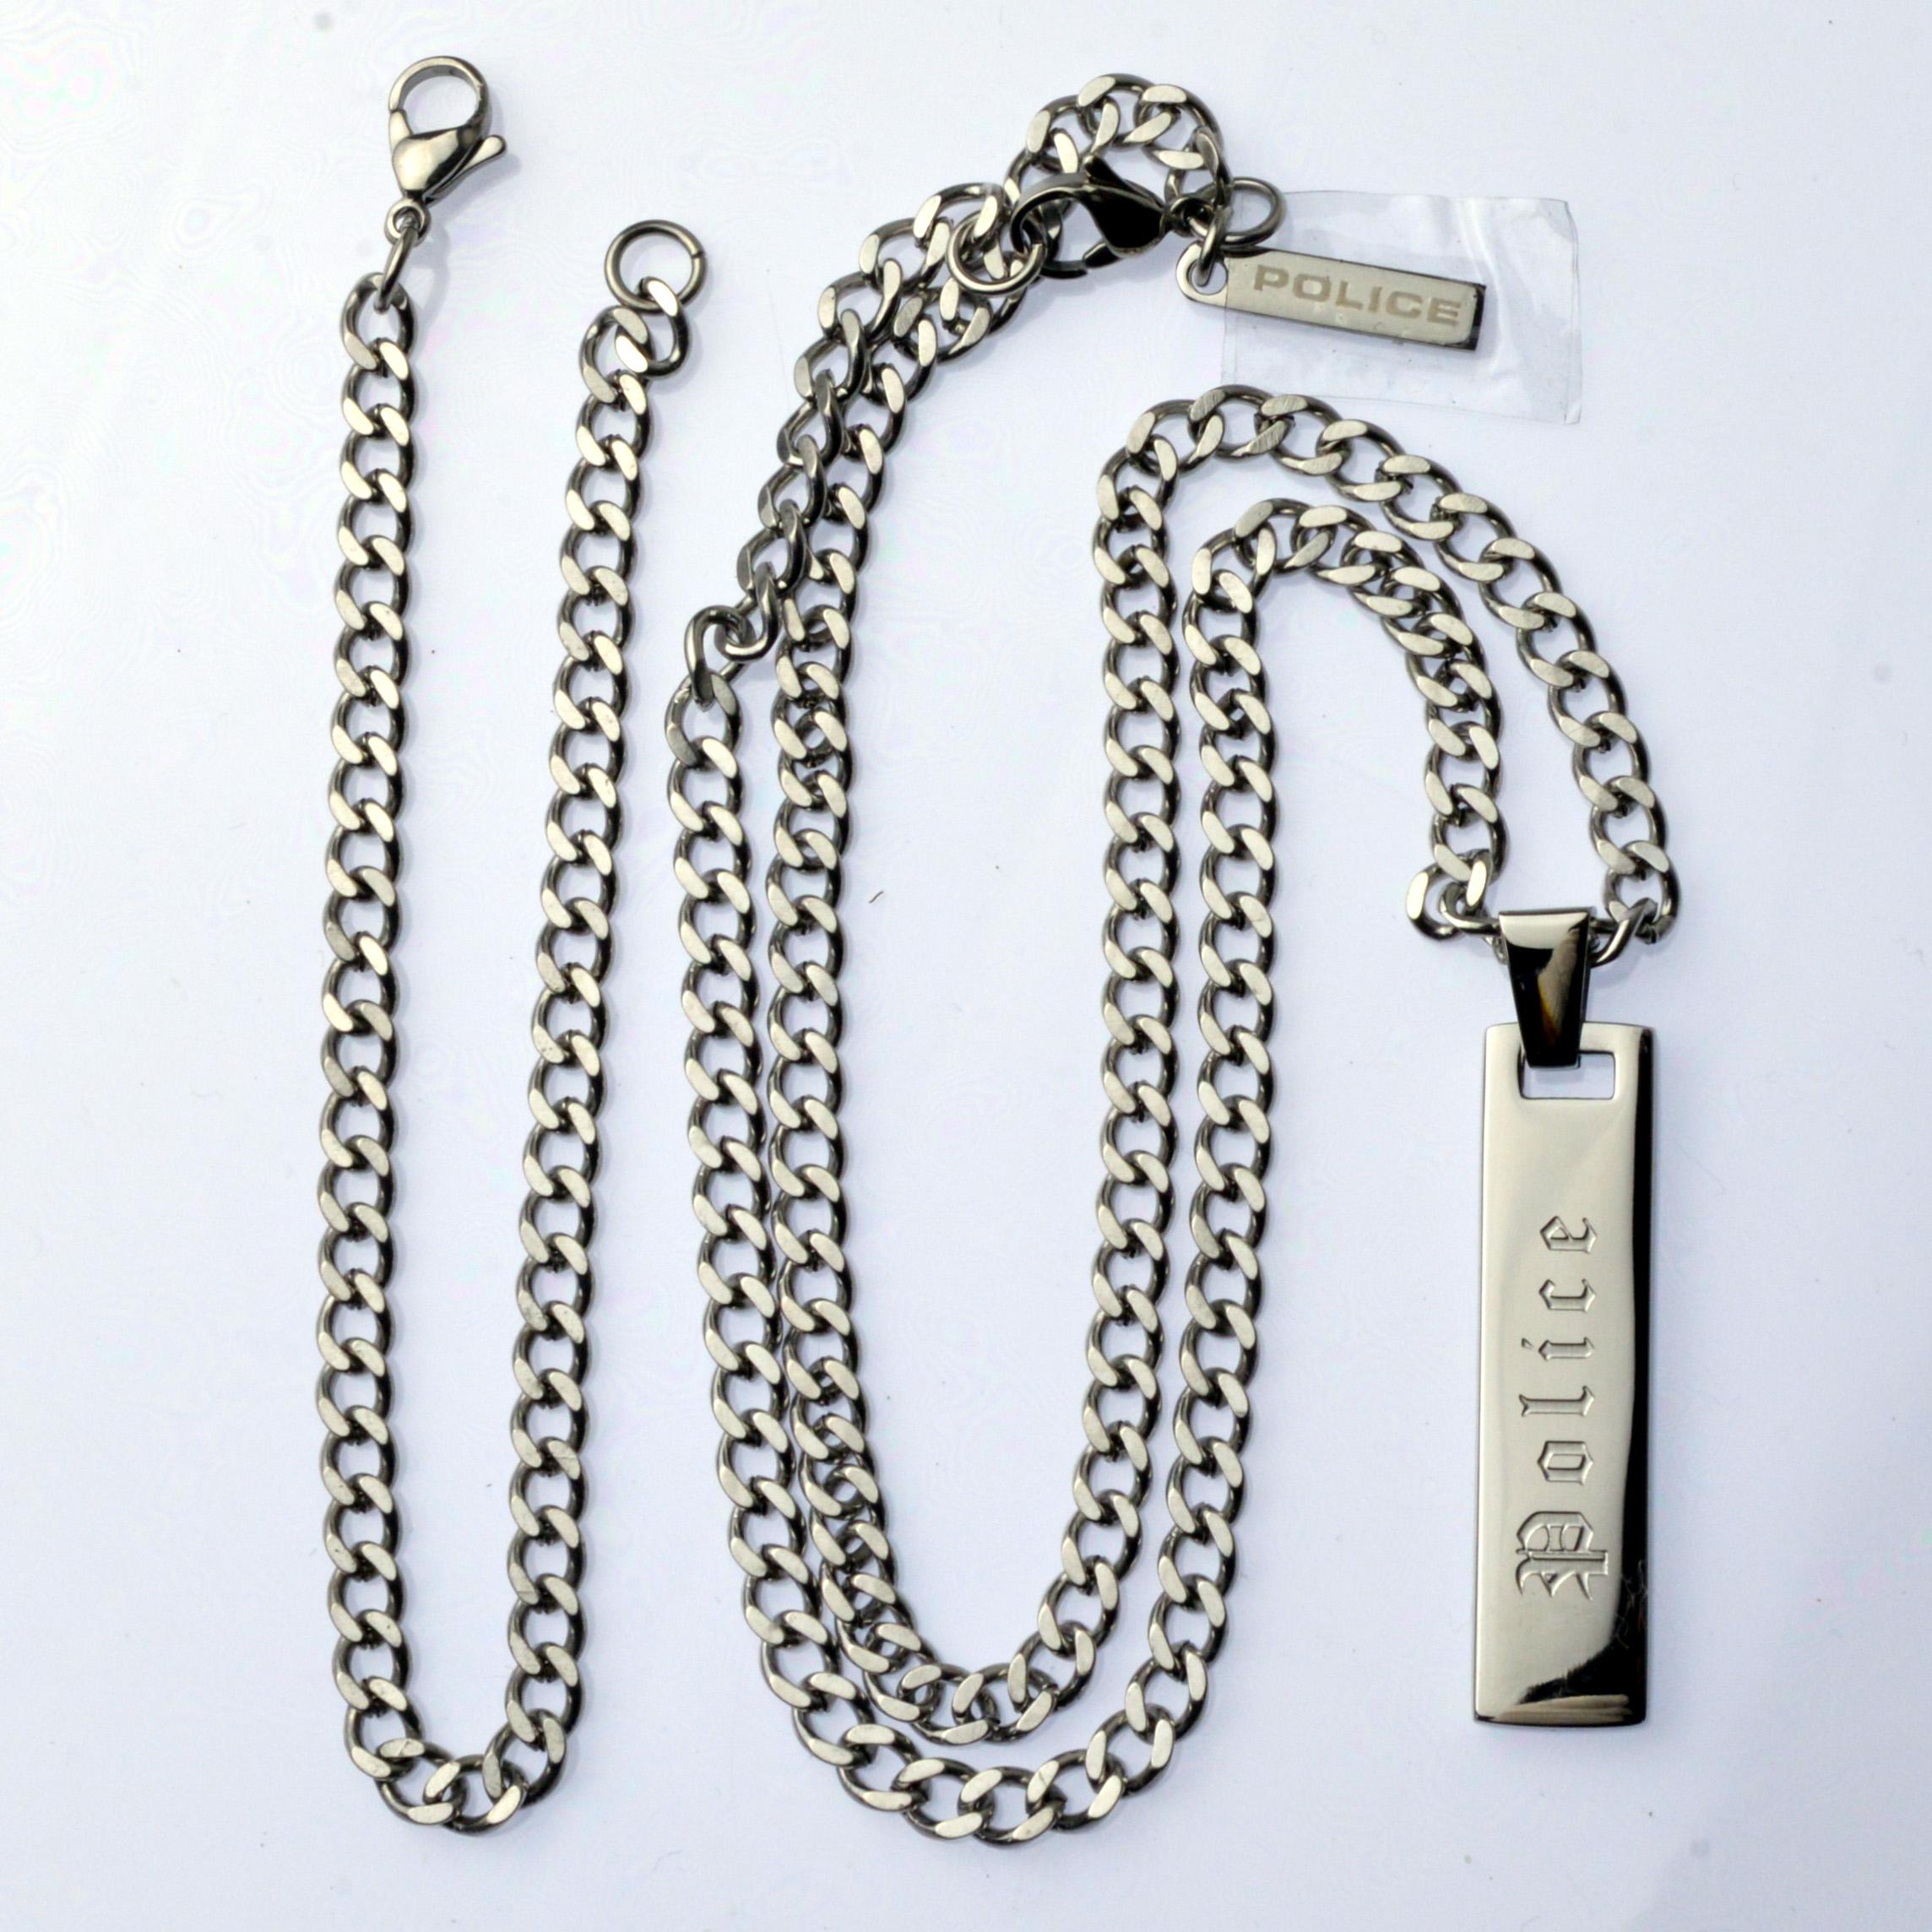 http://www.police.ne.jp/images/Police_necklace_vertical-sl-02.jpg